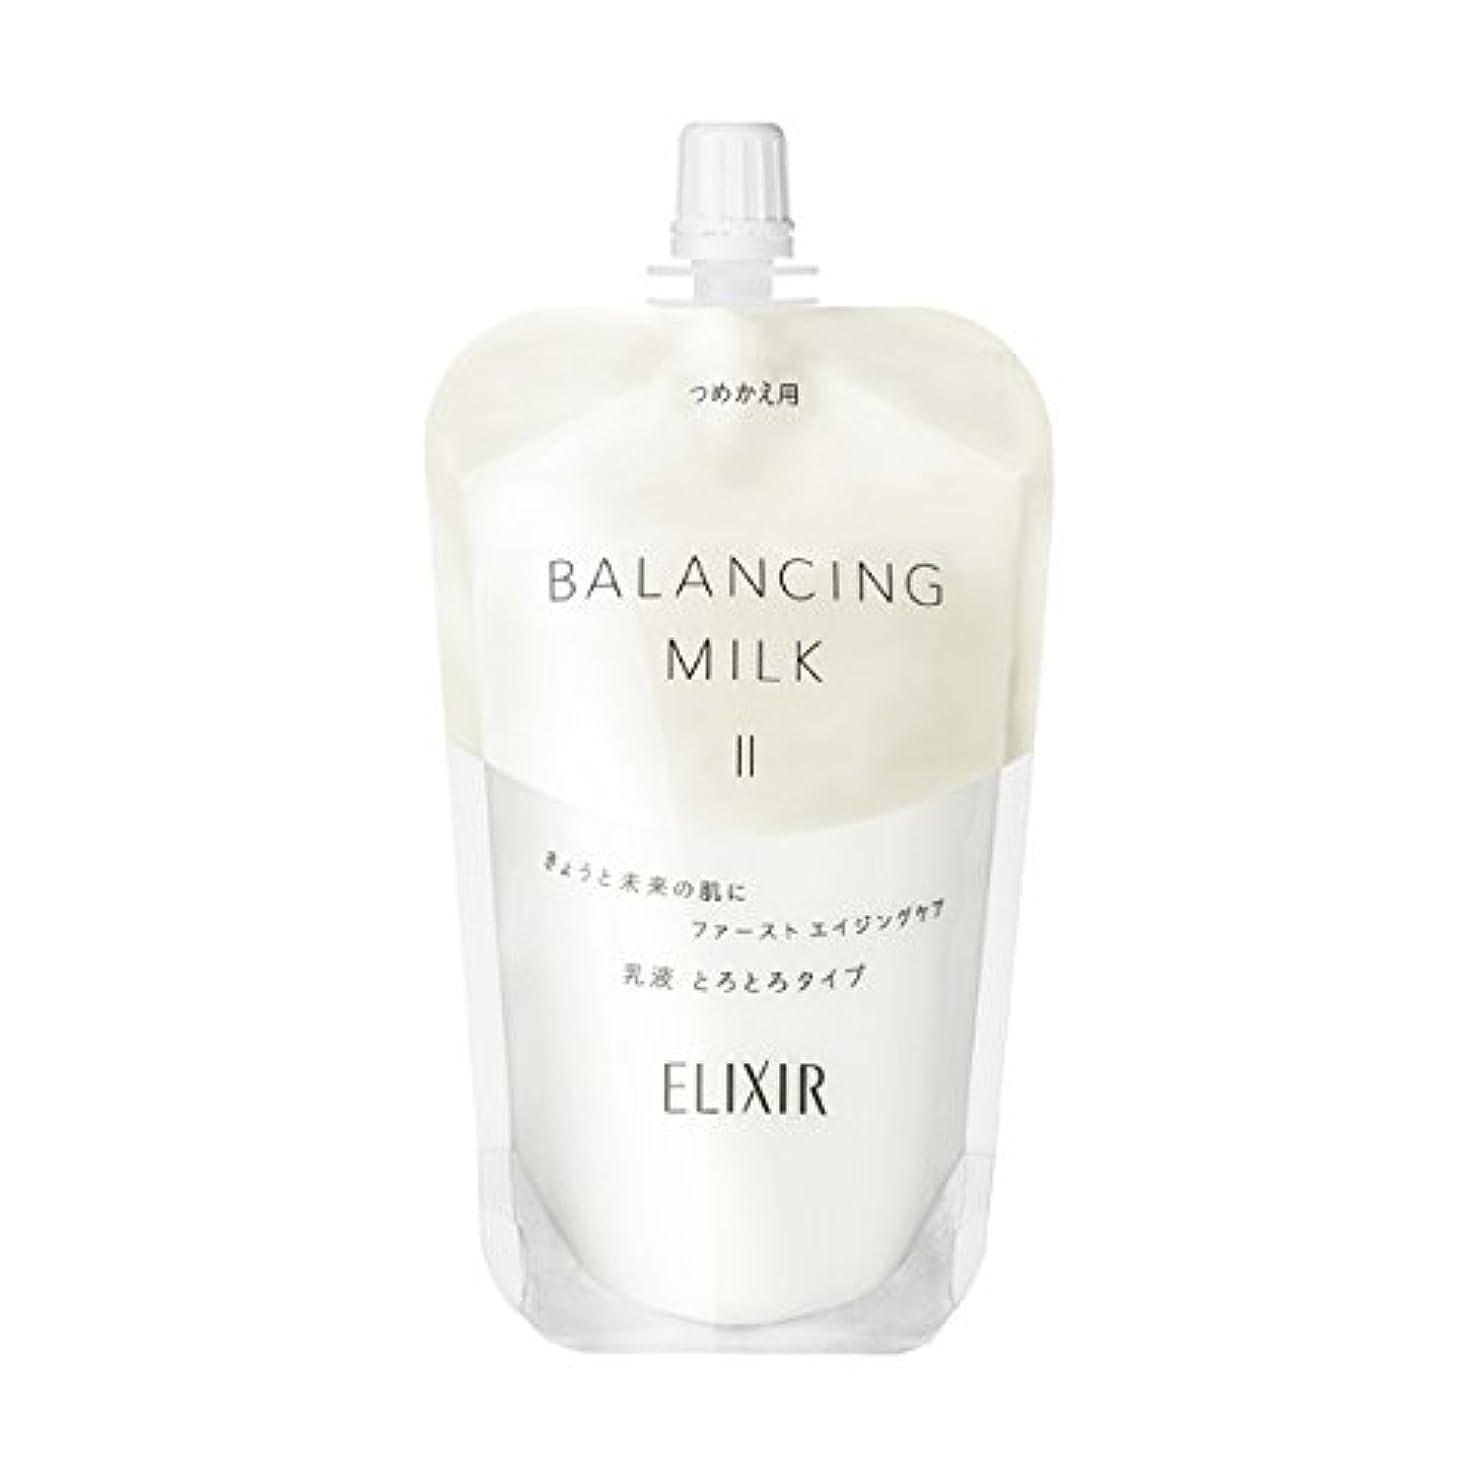 雑草テレックス壊すエリクシール ルフレ バランシング ミルク 乳液 2 (とろとろタイプ) (つめかえ用) 110mL